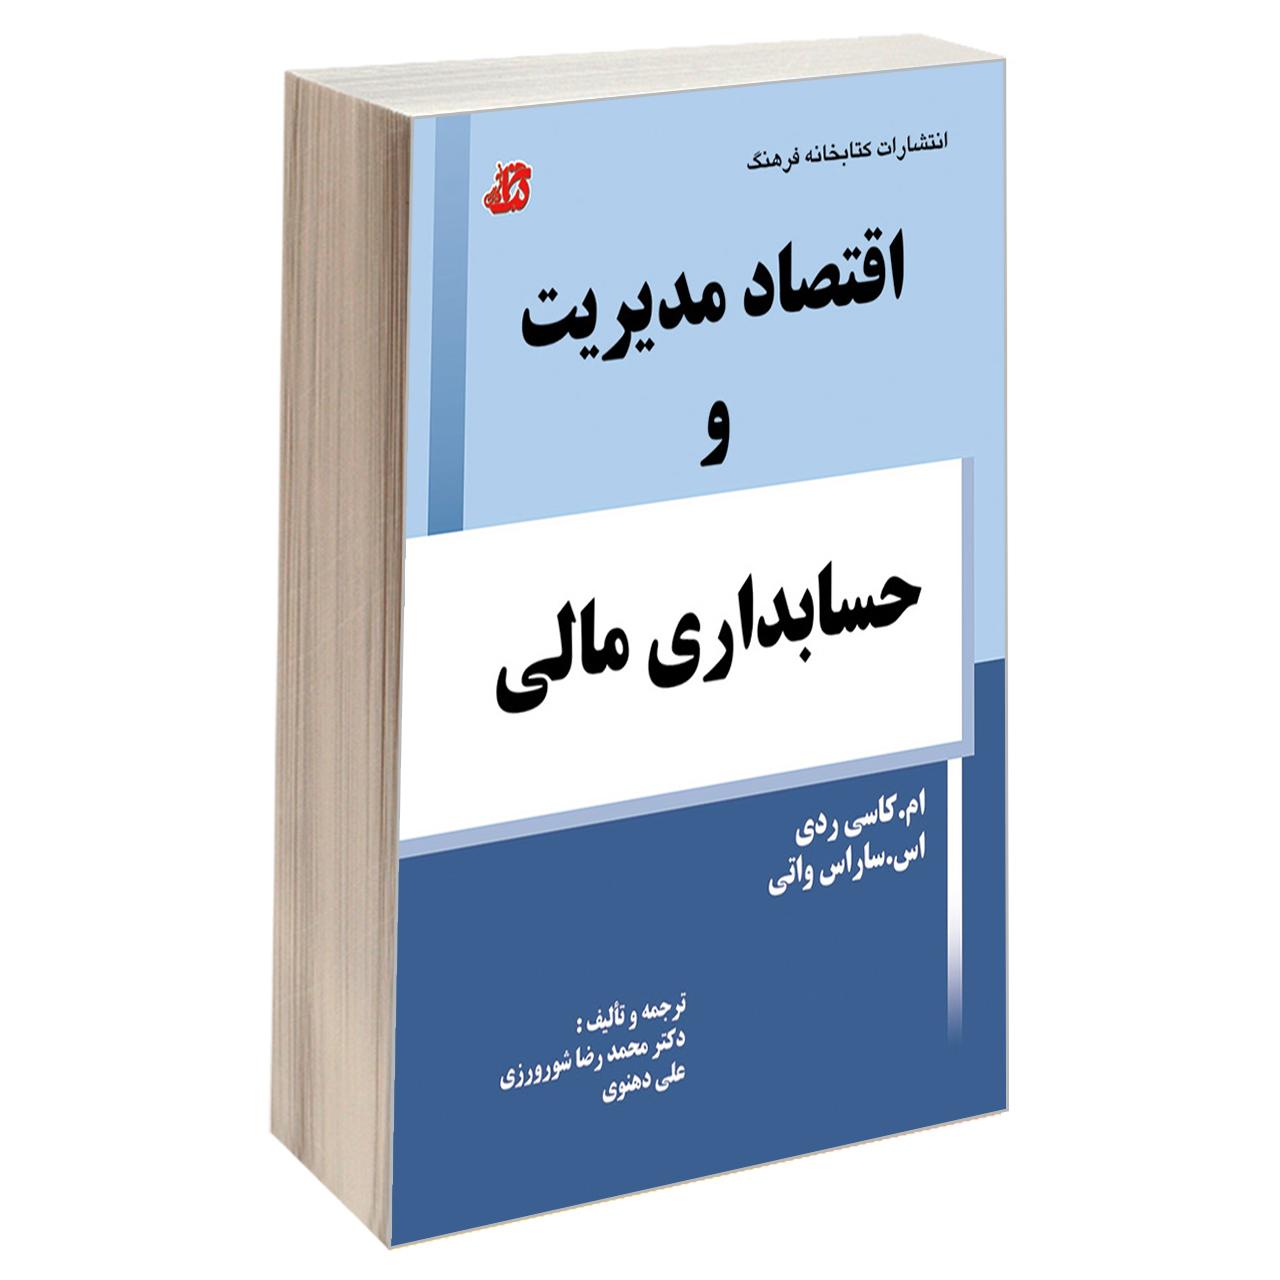 خرید                      کتاب اقتصاد مدیریت و حسابداری مالی اثر ام. کاسی ردی و اس. ساراس واتی انتشارات کتابخانه فرهنگ